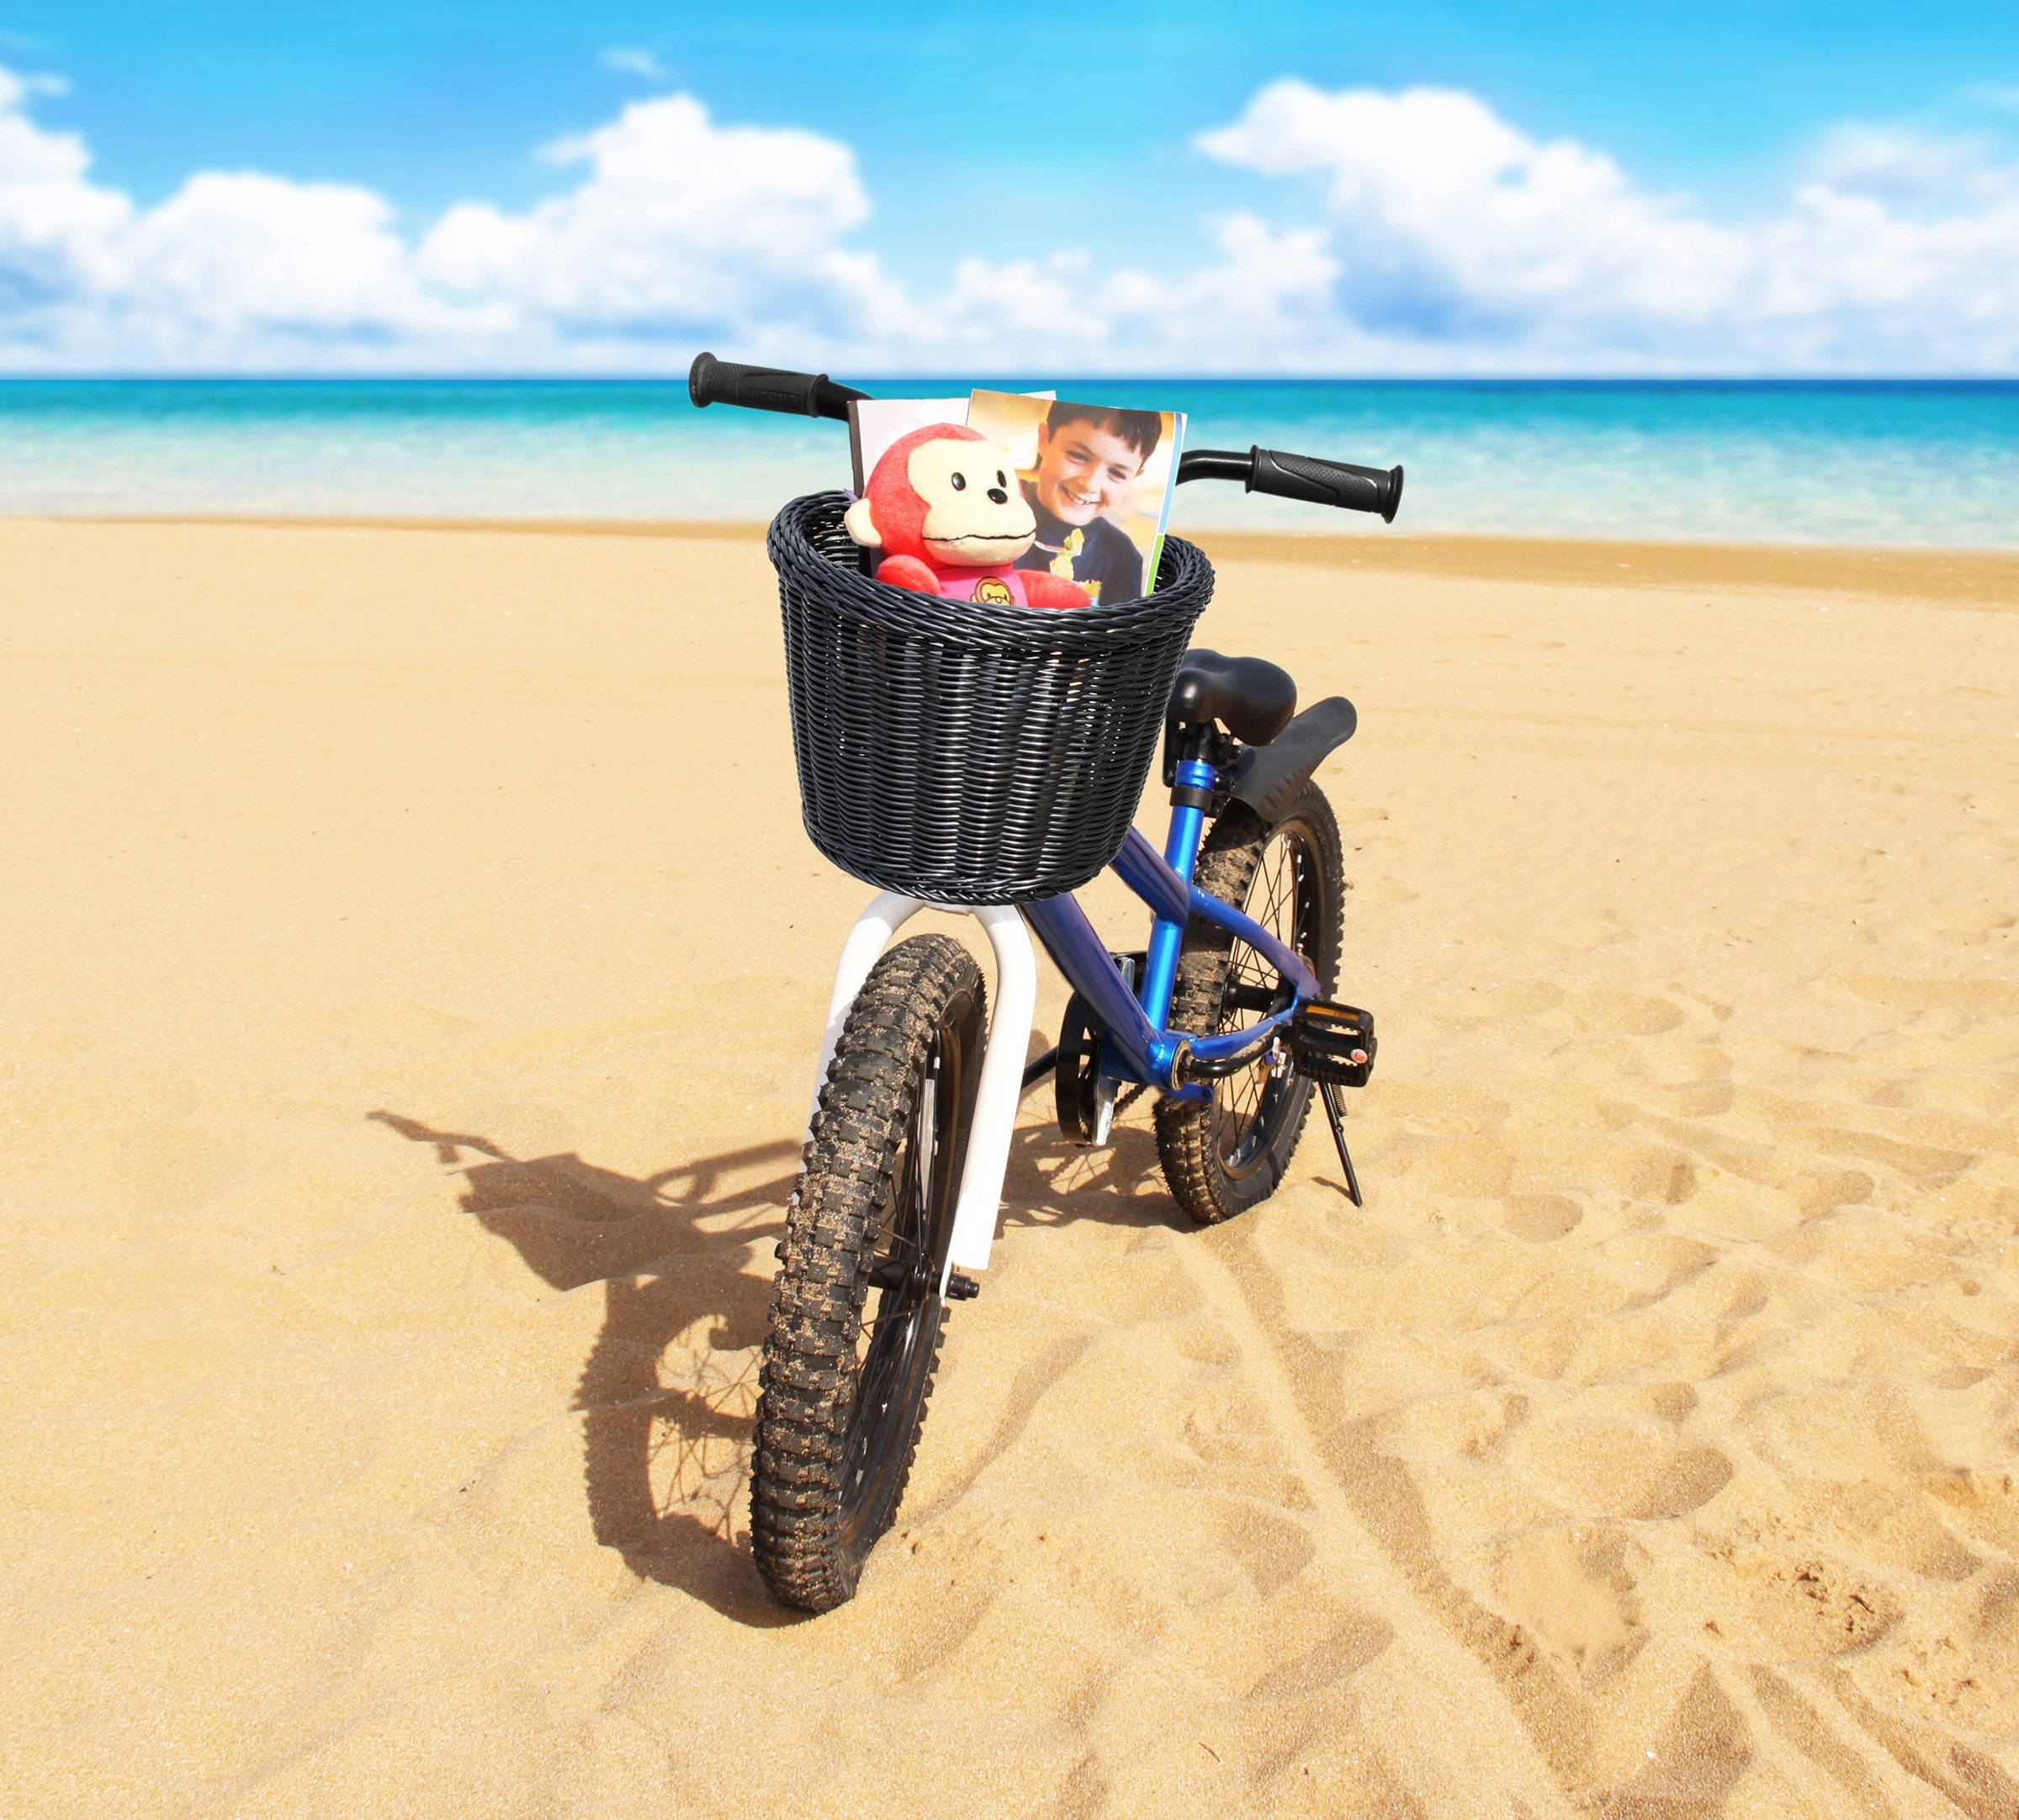 Colorbasket Front Handle Bar Junior Bike Basket, Water Resistant, Leather Straps